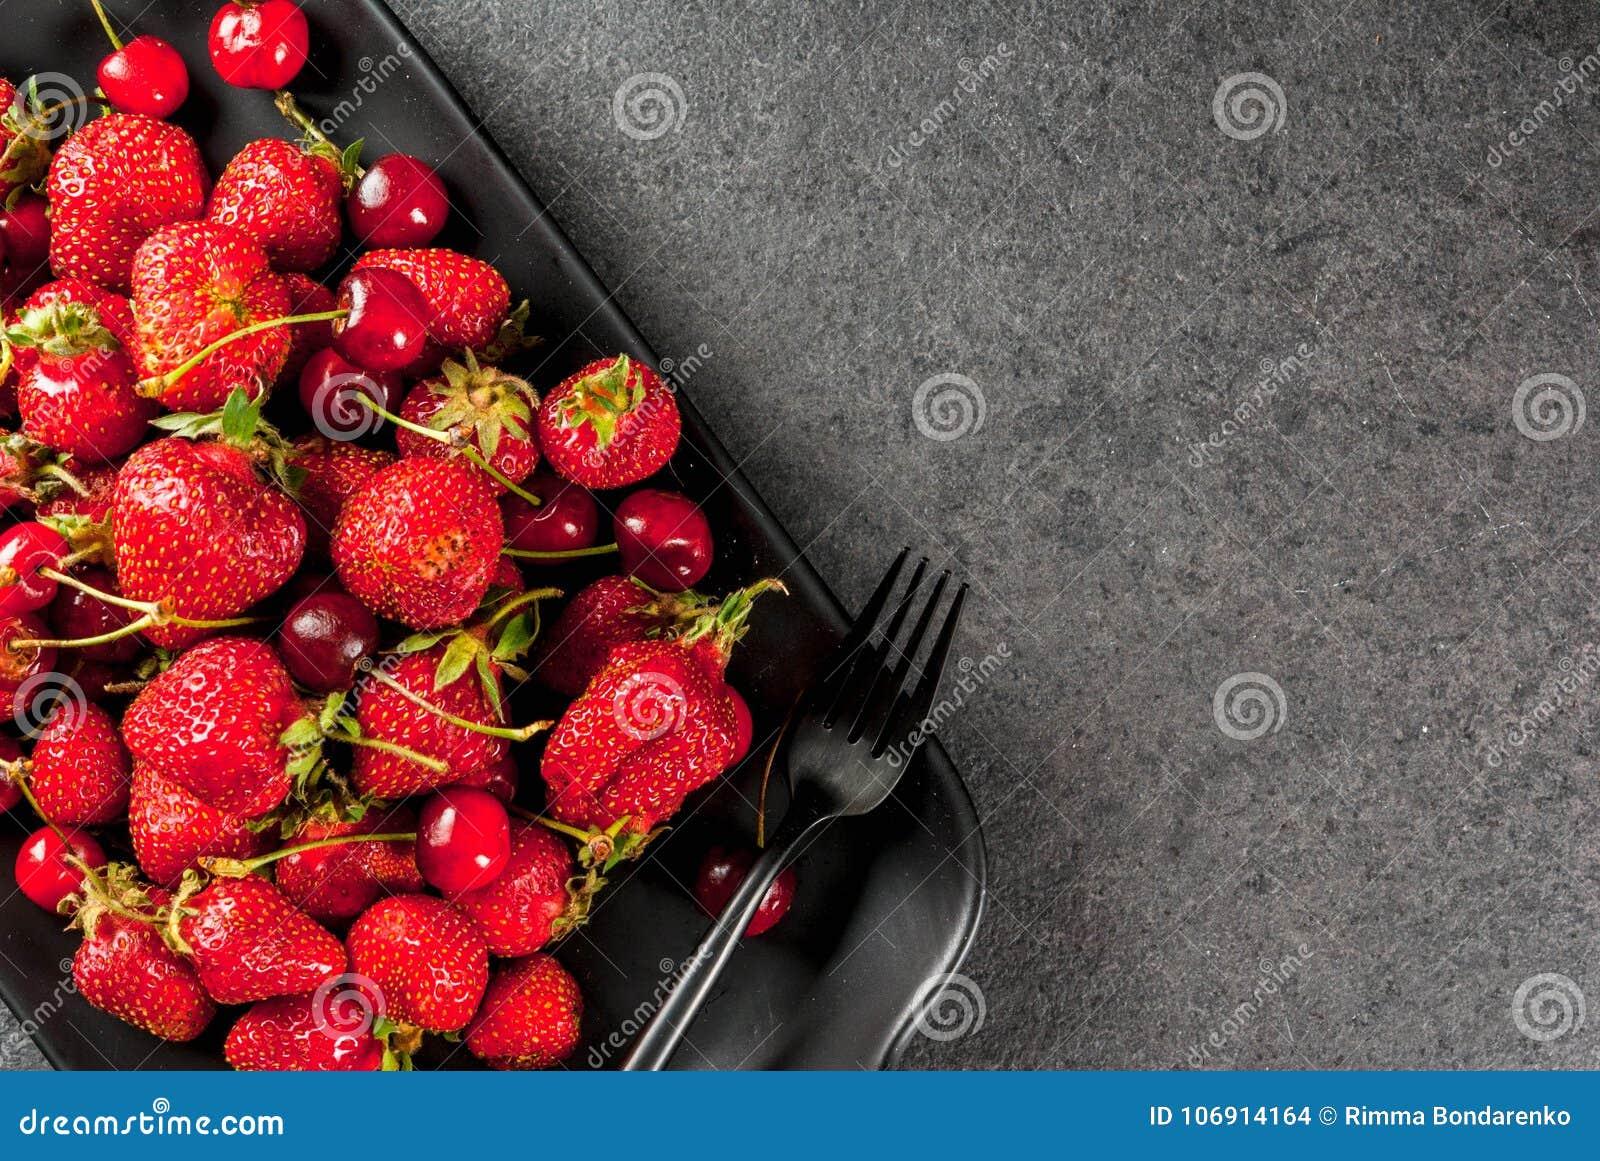 Świeże wiśnie i truskawki